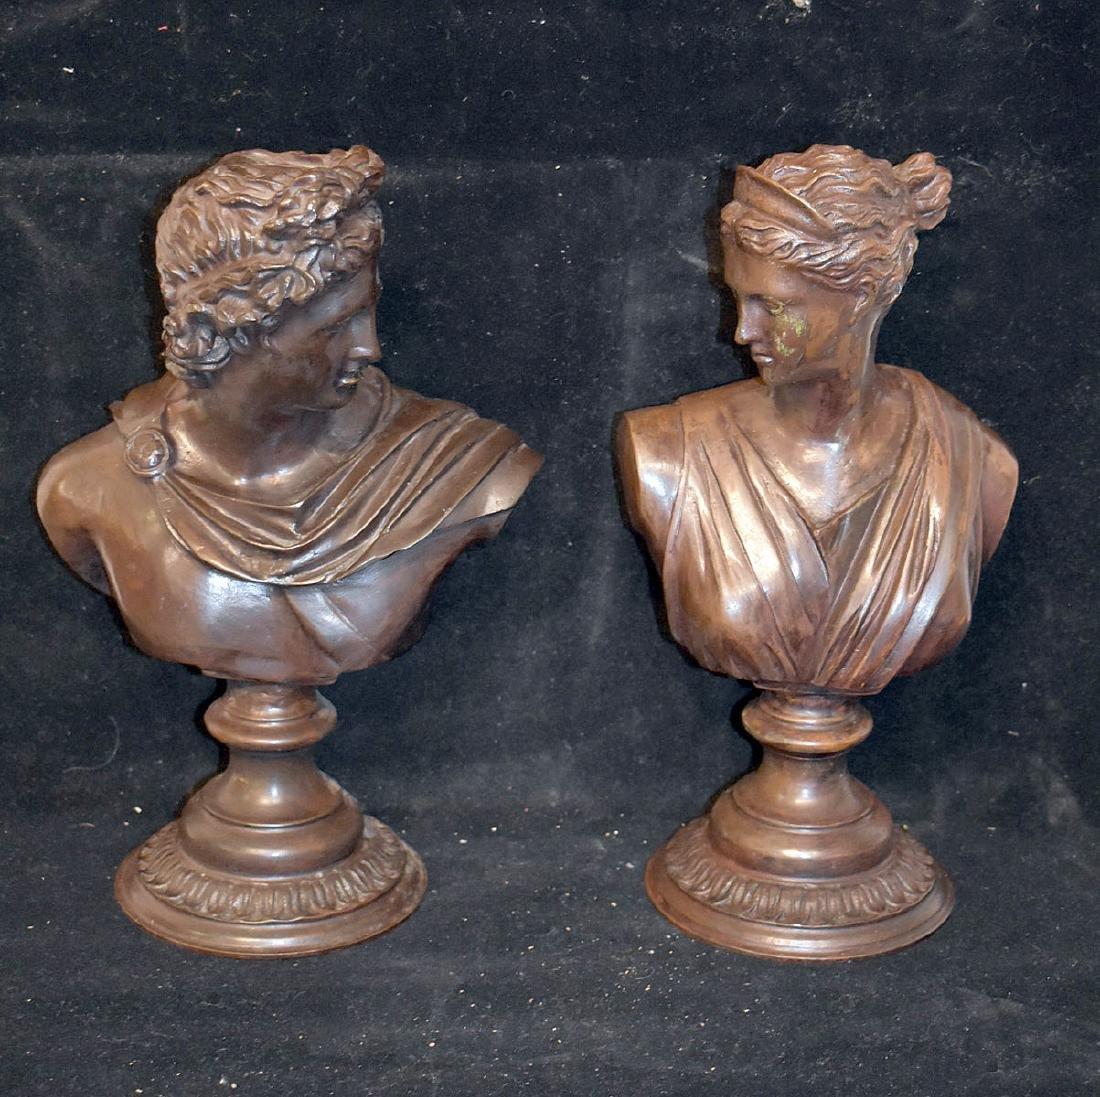 Pair of Bronze Sculptural Busts